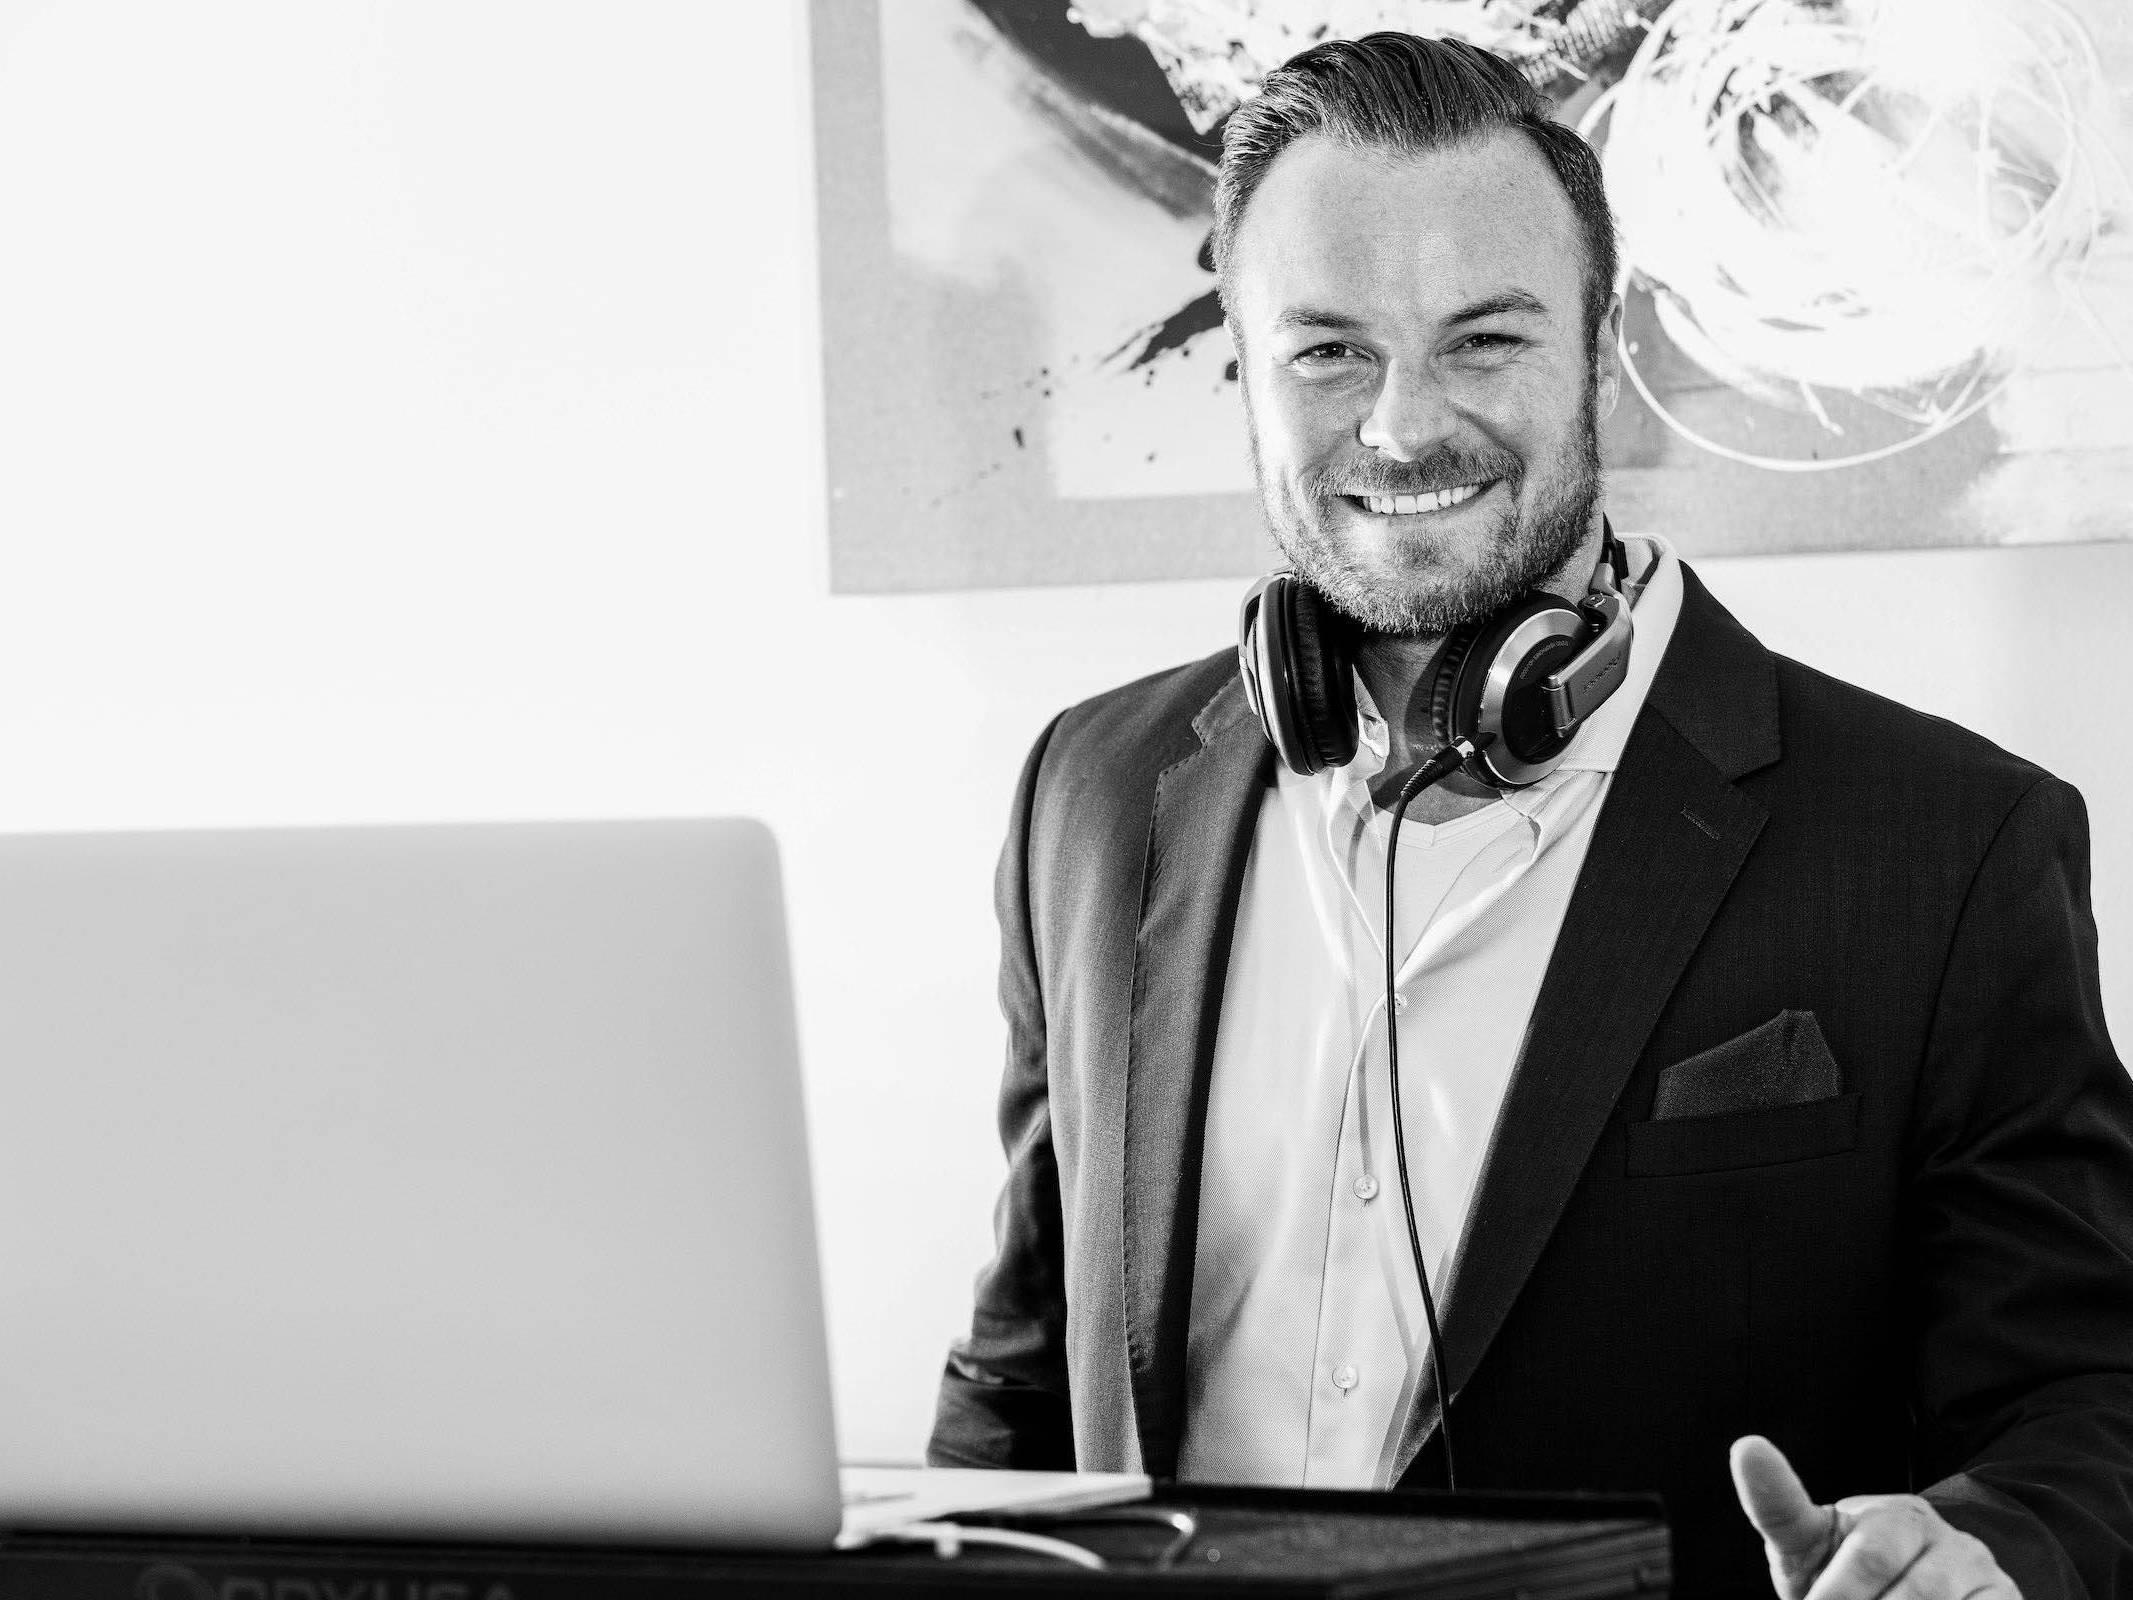 DJ | Hochzeit | Hamburg | Buchen | Discjockey | Nils | Remme | Messe | DJ | Bremen | DJ | Event | DJ | Geburtstag | DJ | Mieten | Anfragen | DJ | Service | DJ | Kosten | DJ | Agentur | Hamburgfeiert